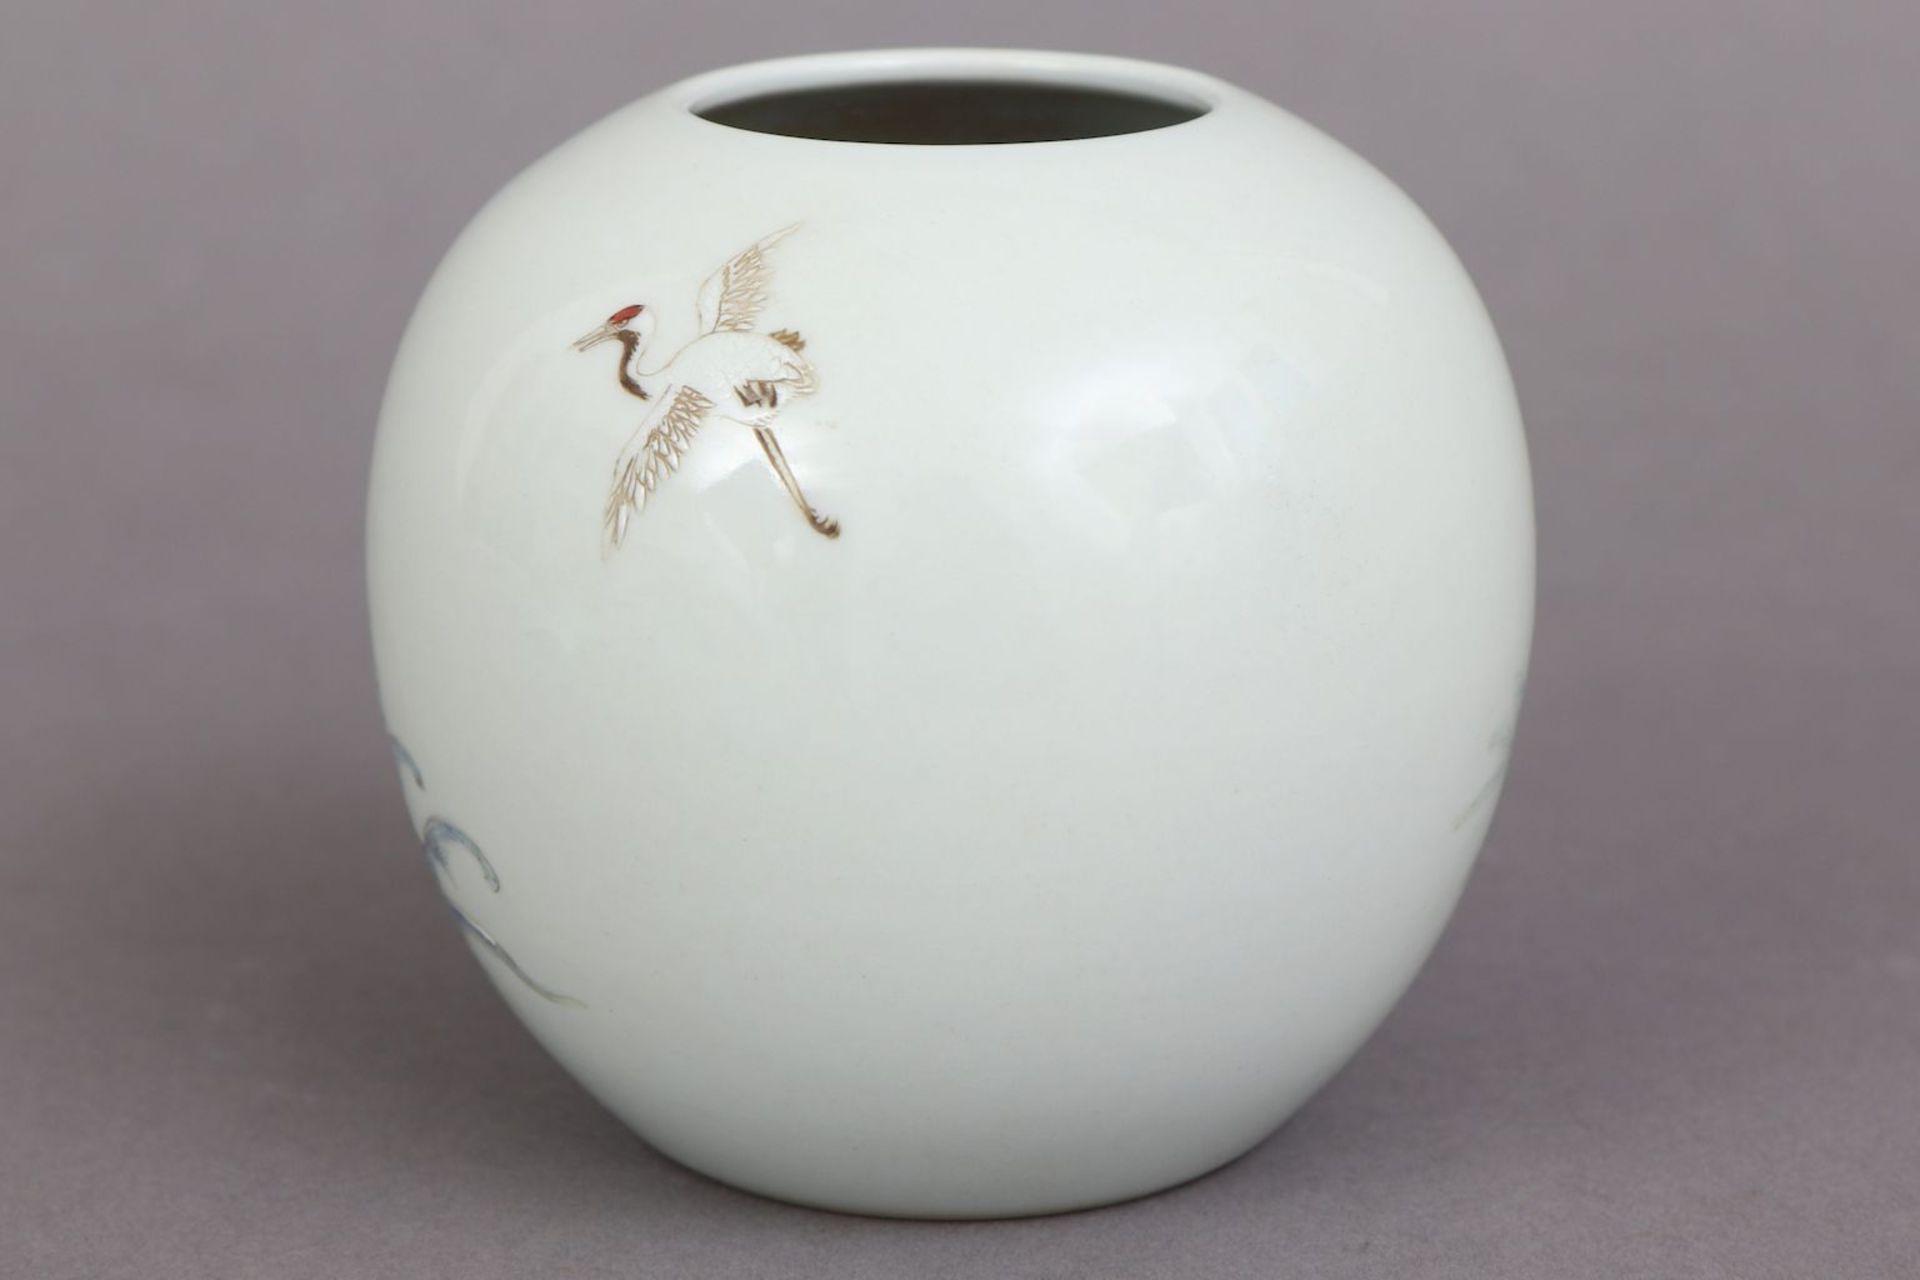 Chinesisches Vasengefäß - Image 2 of 4